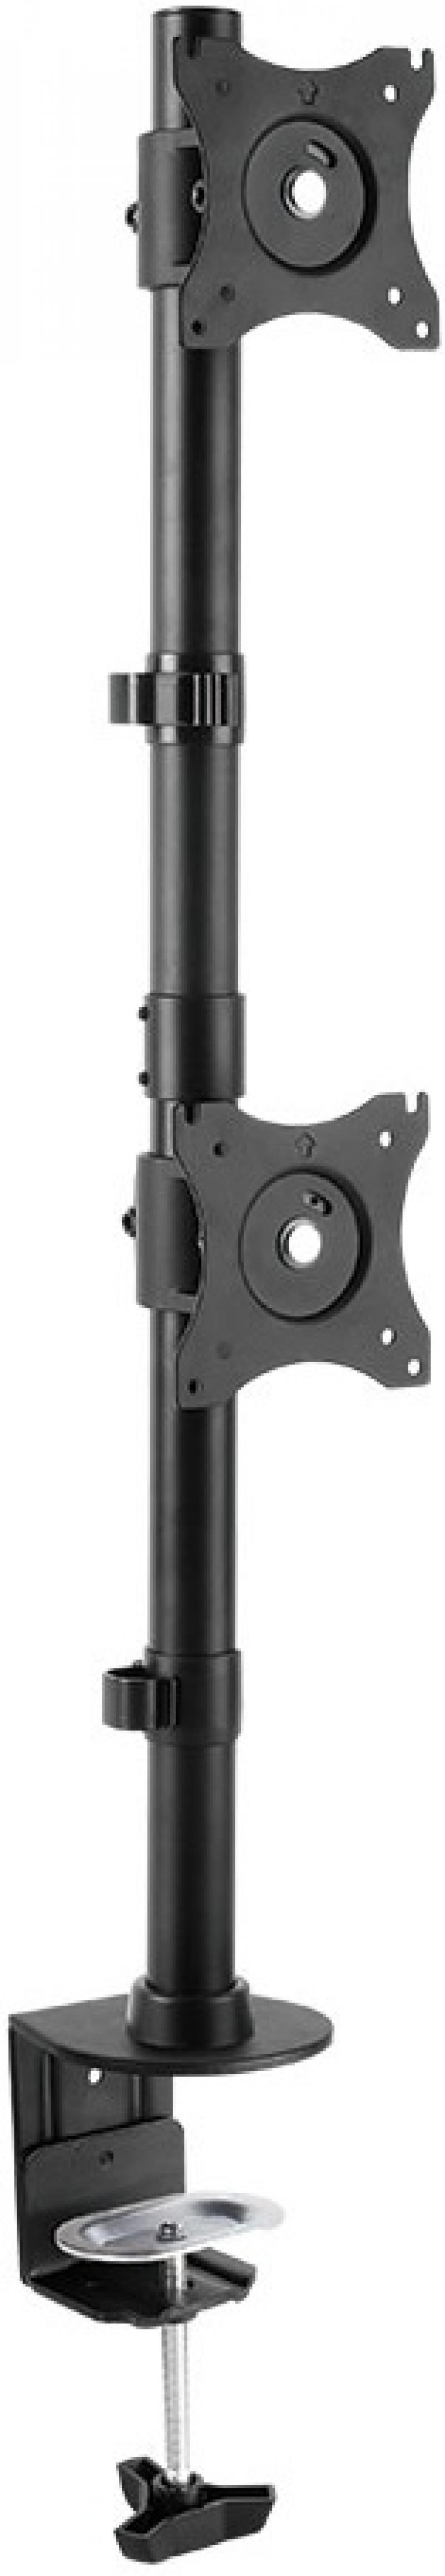 Кронштейн ARM Media LCD-T43 Черный для мониторов 15-32 настольный поворот и наклон max 20 кг arm media lcd t13 15 32 до 8кг vesa до 100x100 черный для двух мониторов